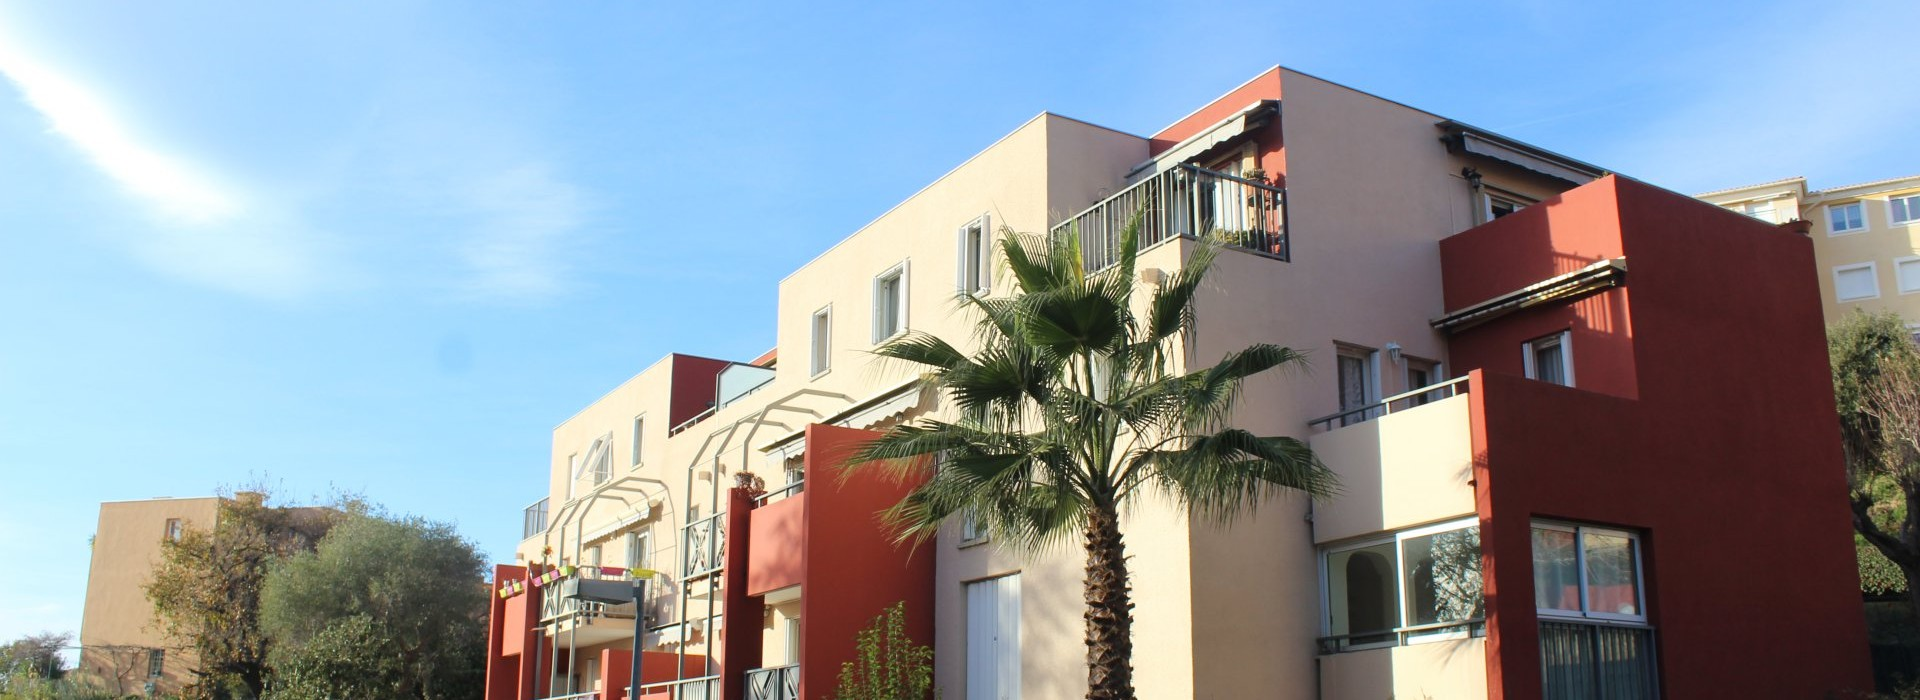 Appartement Nice 4 Pièces 77m2 285,000€